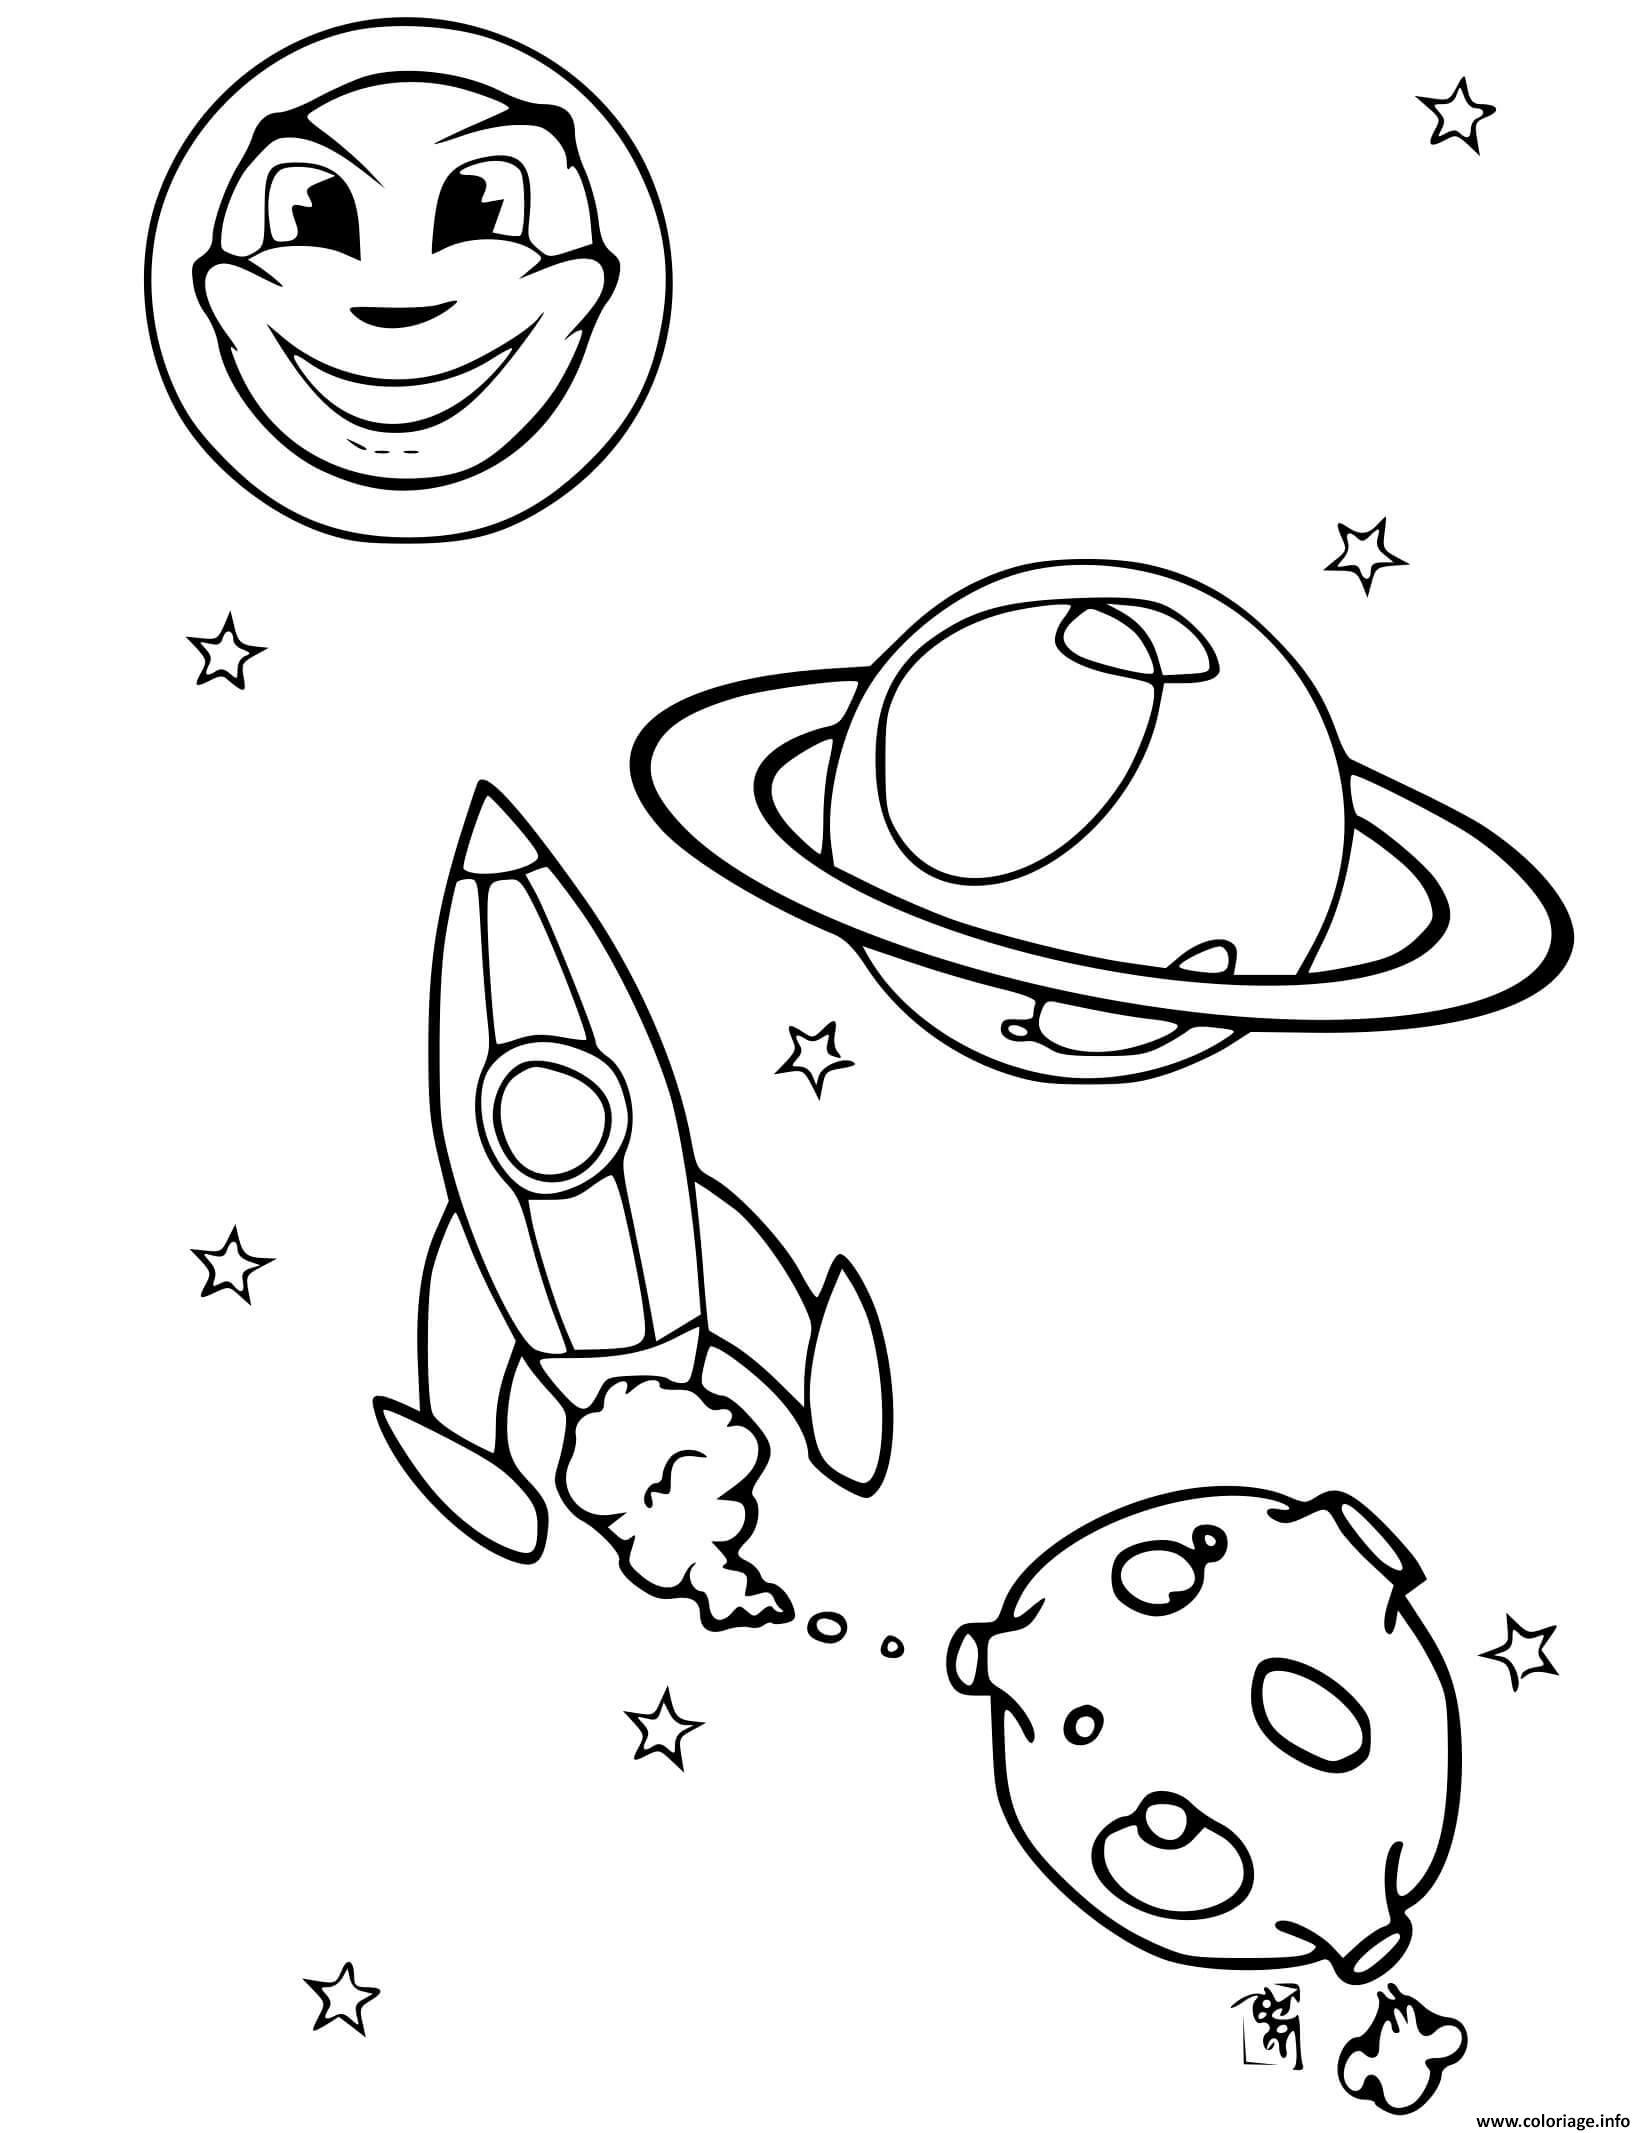 Dessin fusee espace planetes soleil Coloriage Gratuit à Imprimer